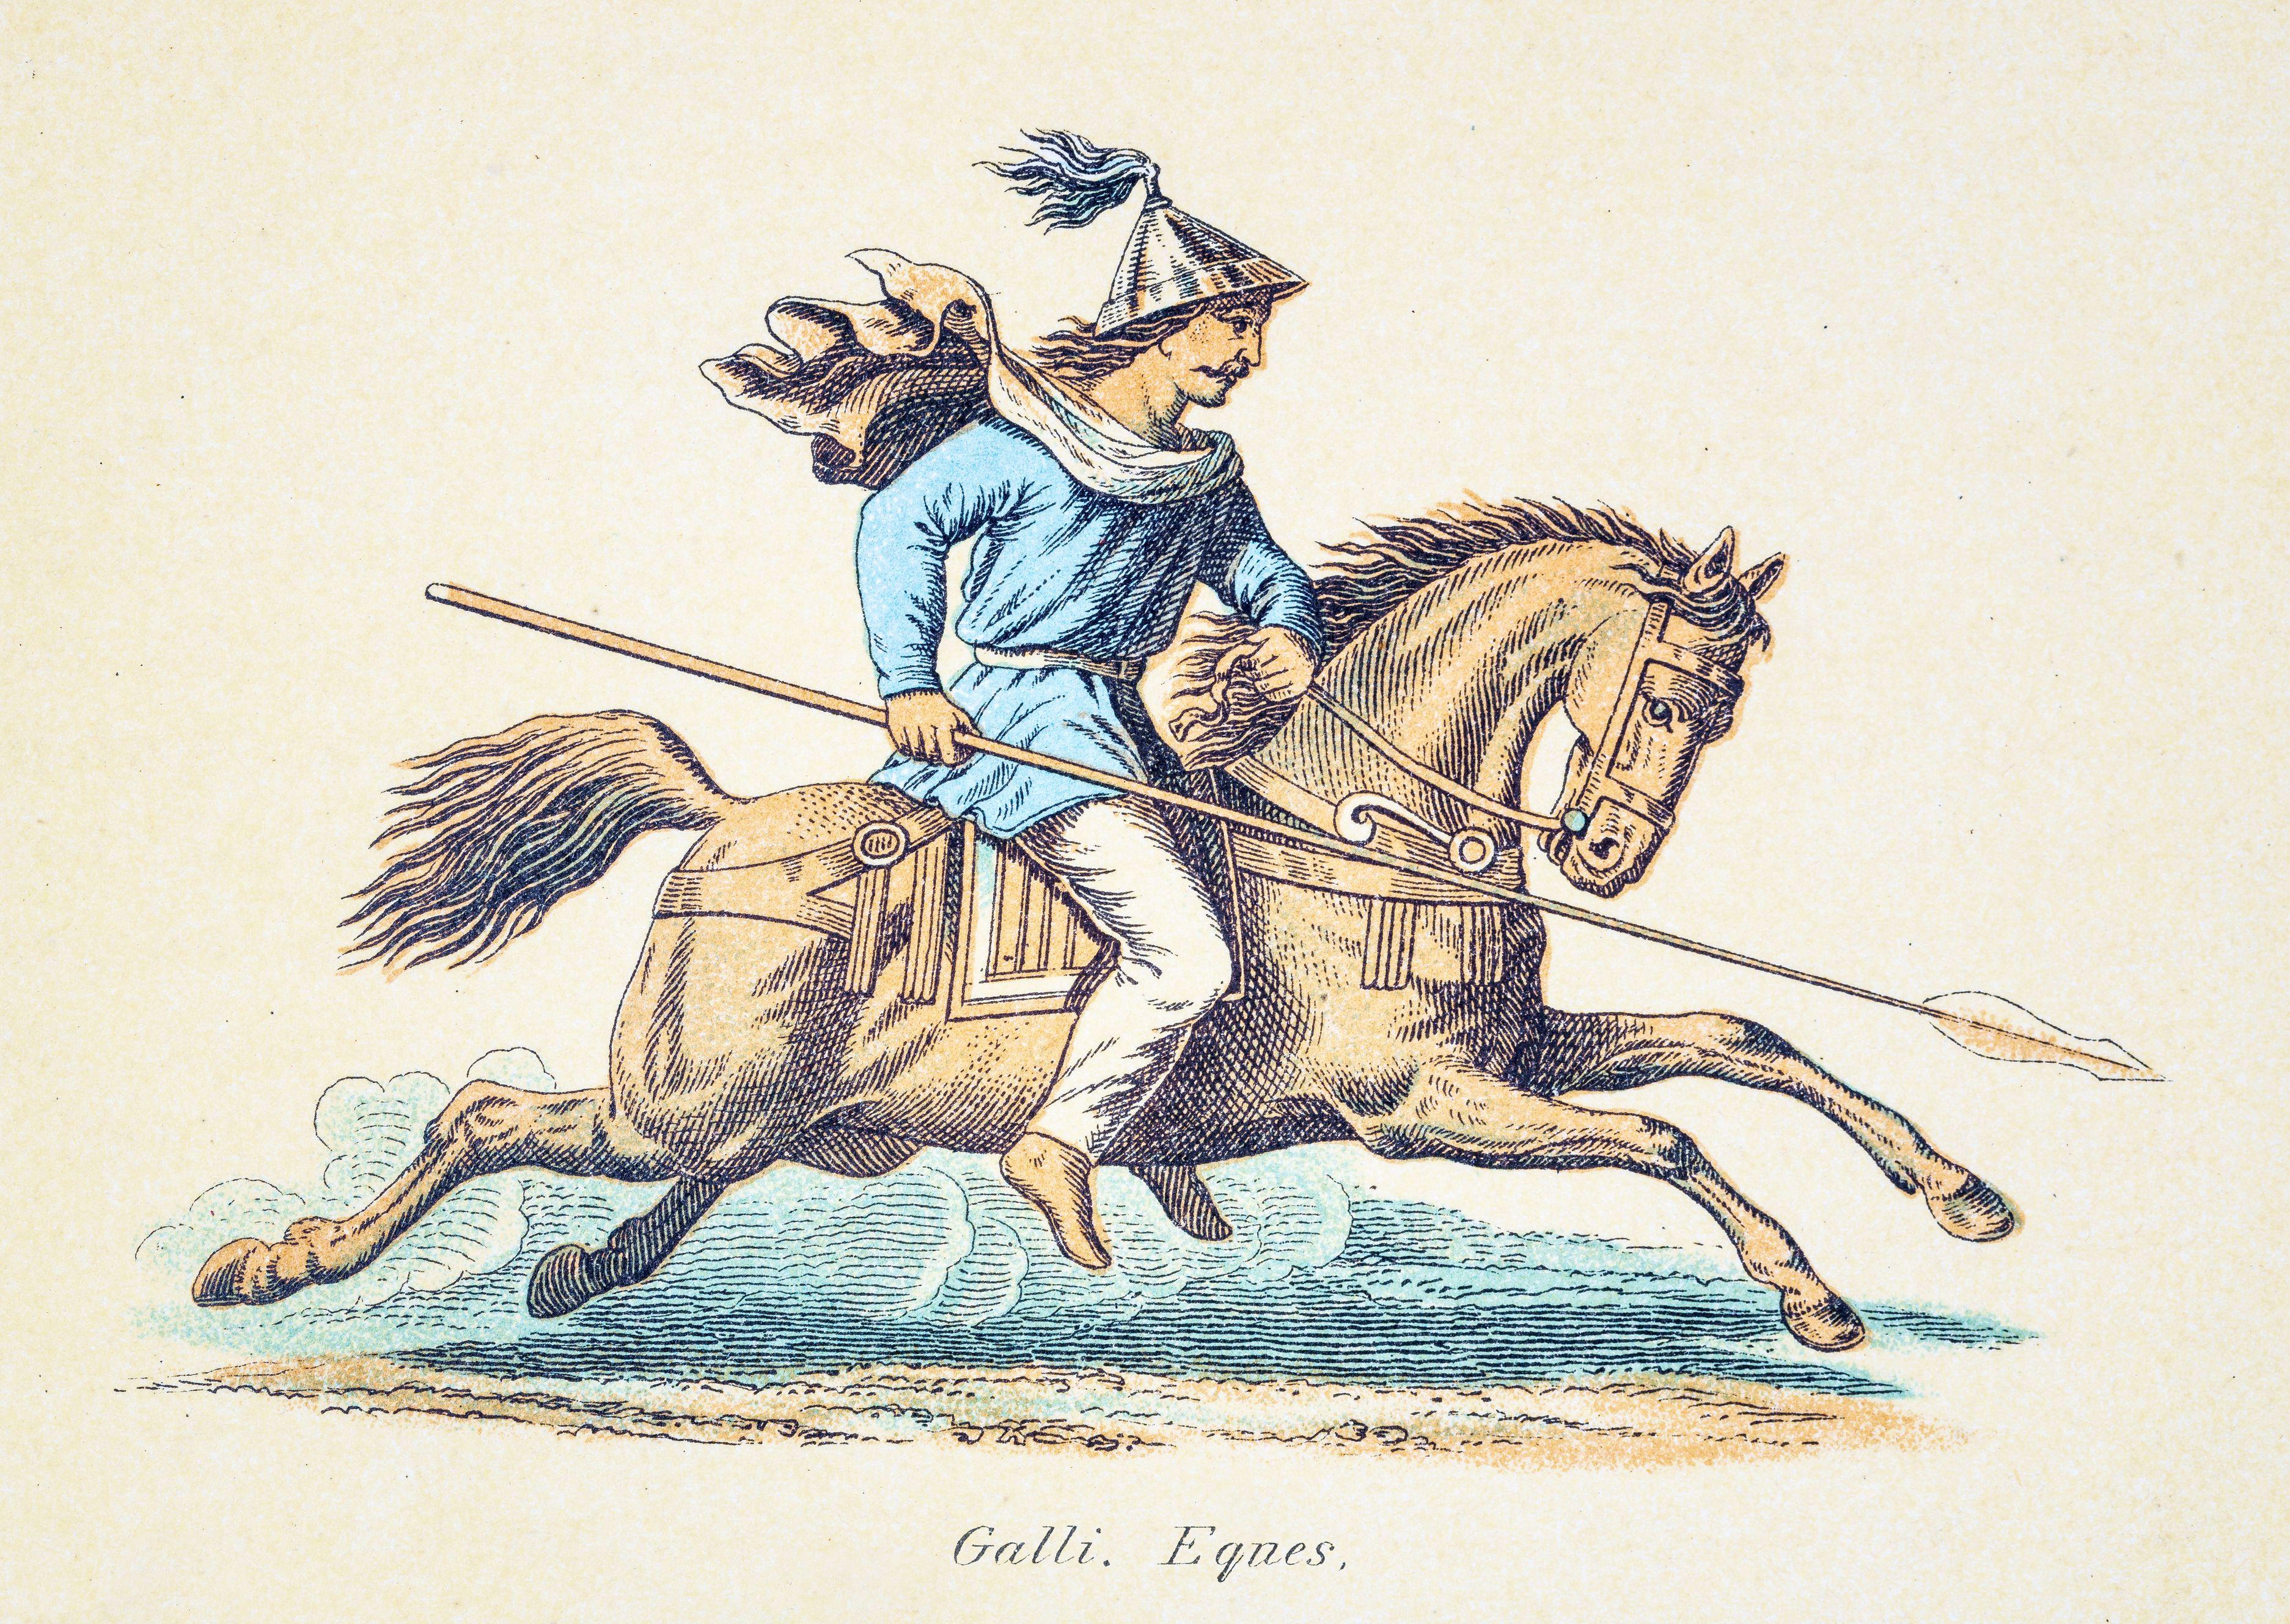 Gallic Warrior engraving 1890